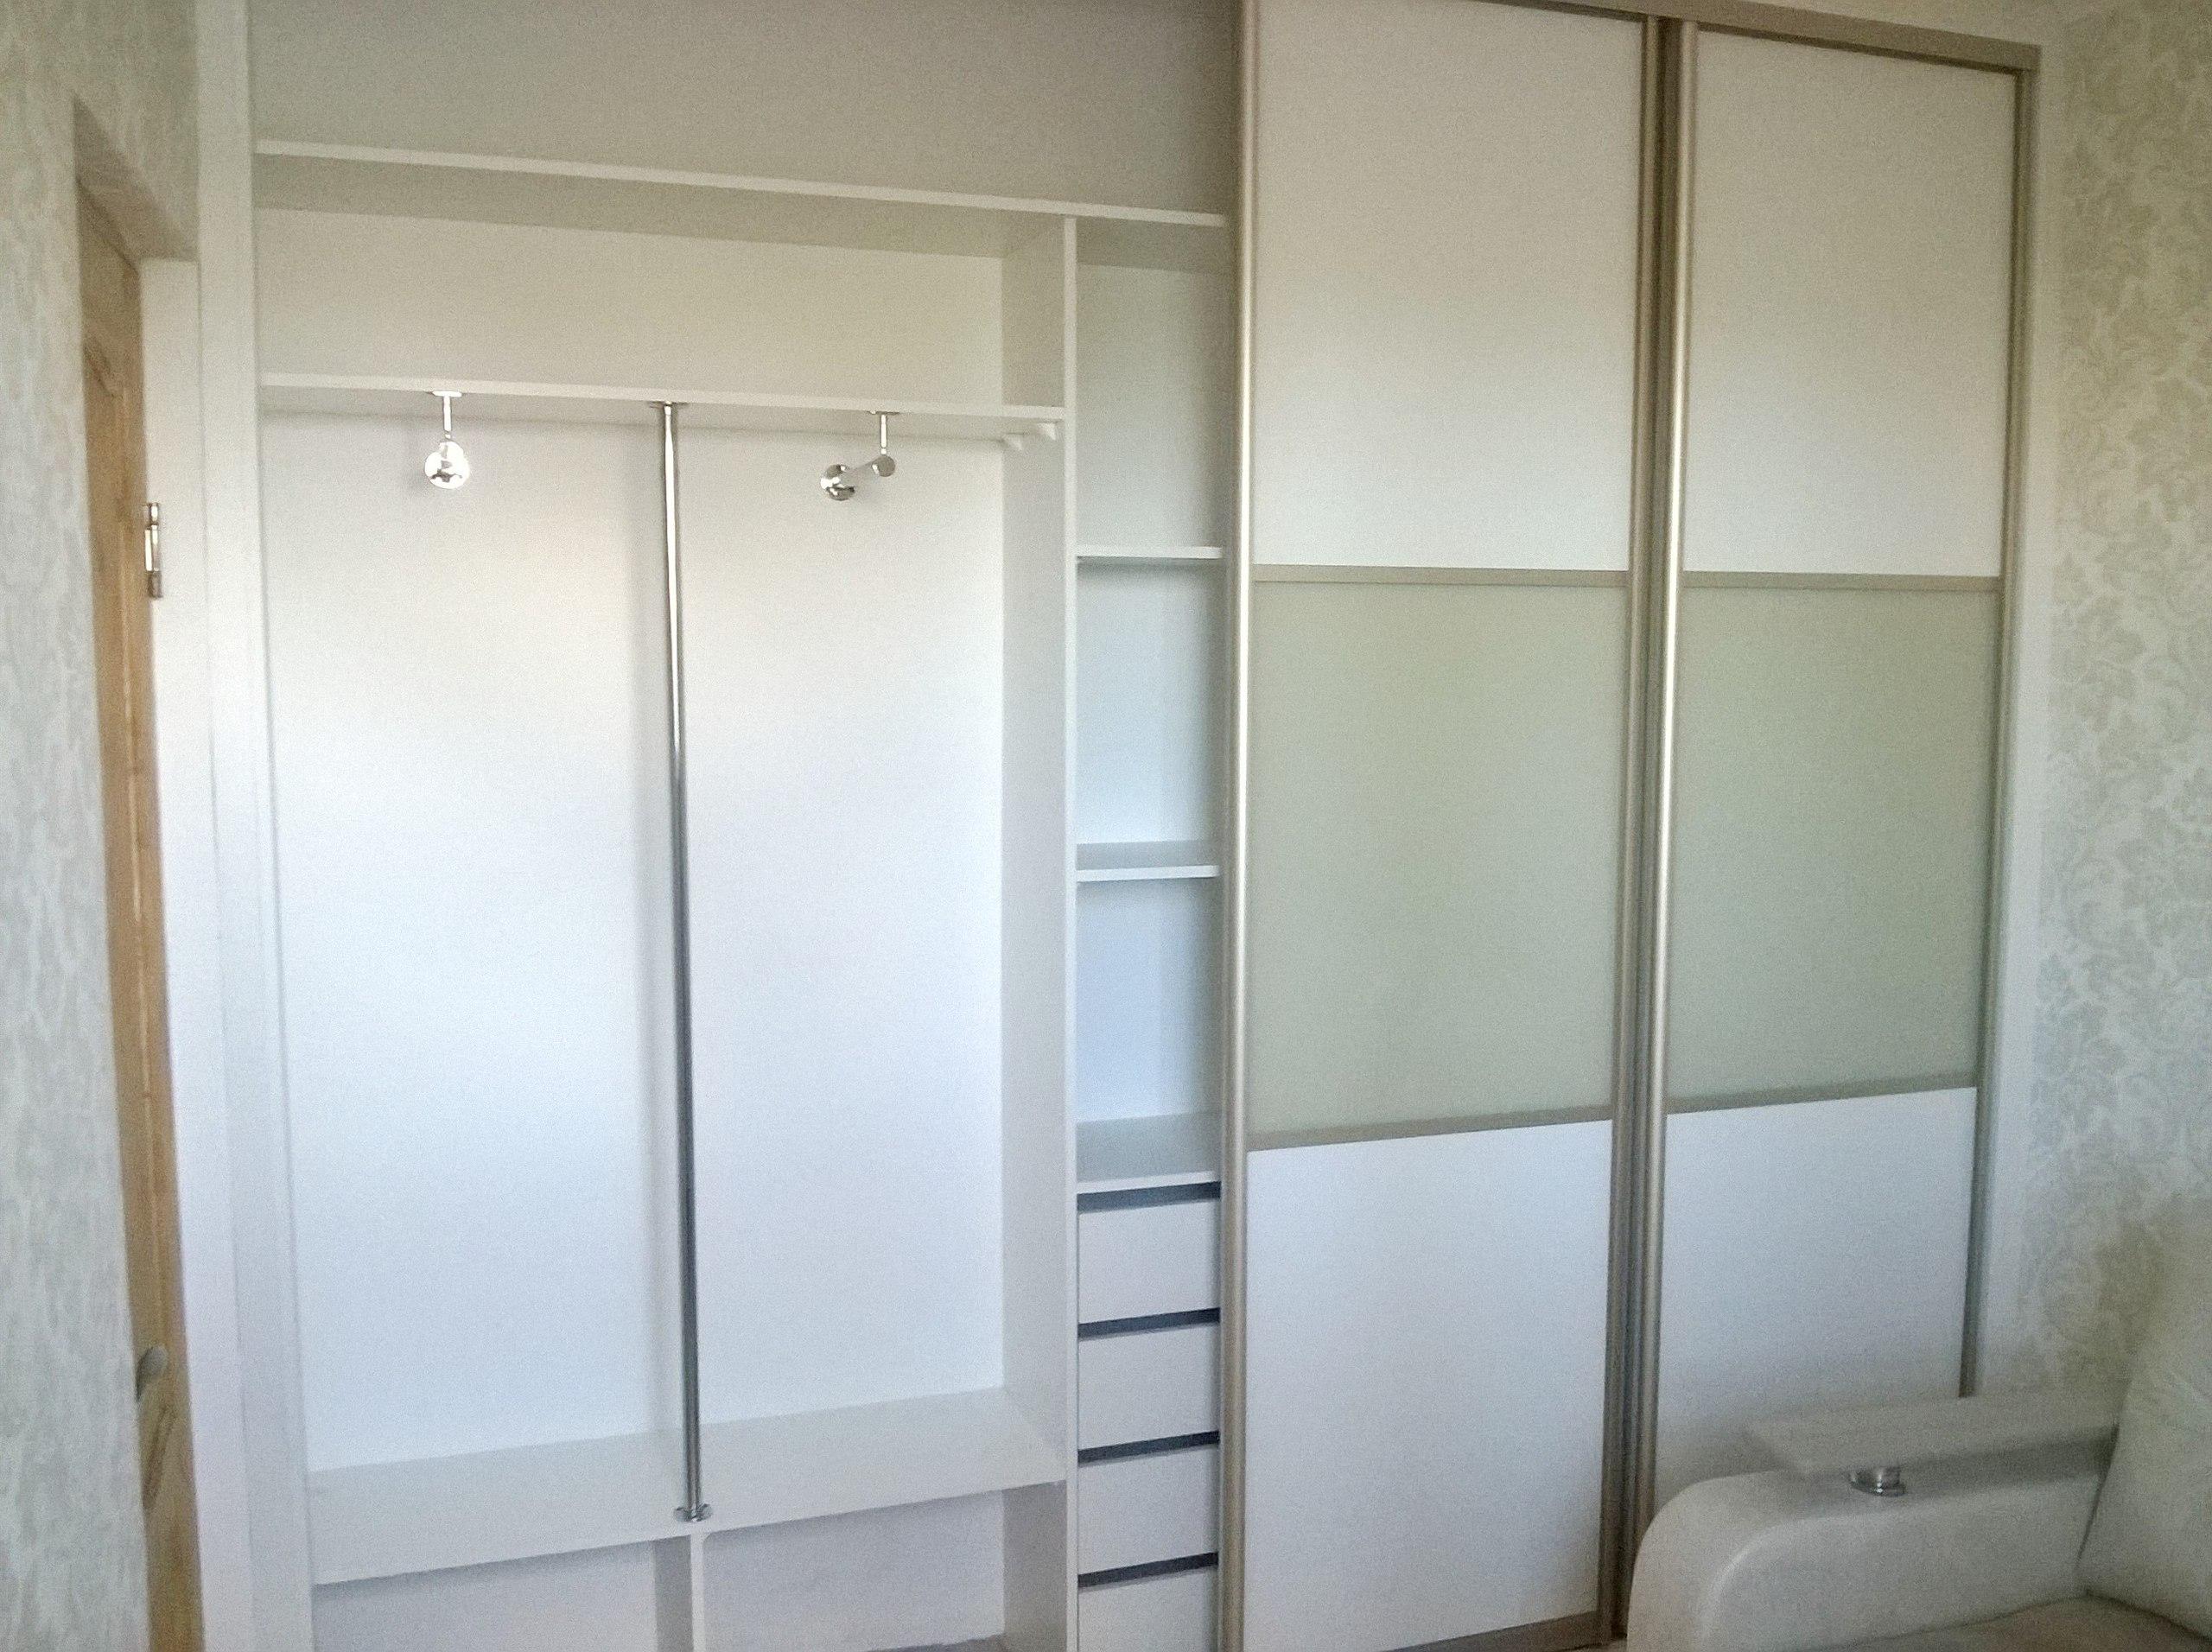 Левая сторона шкафа предназначена для плечиков с одеждой